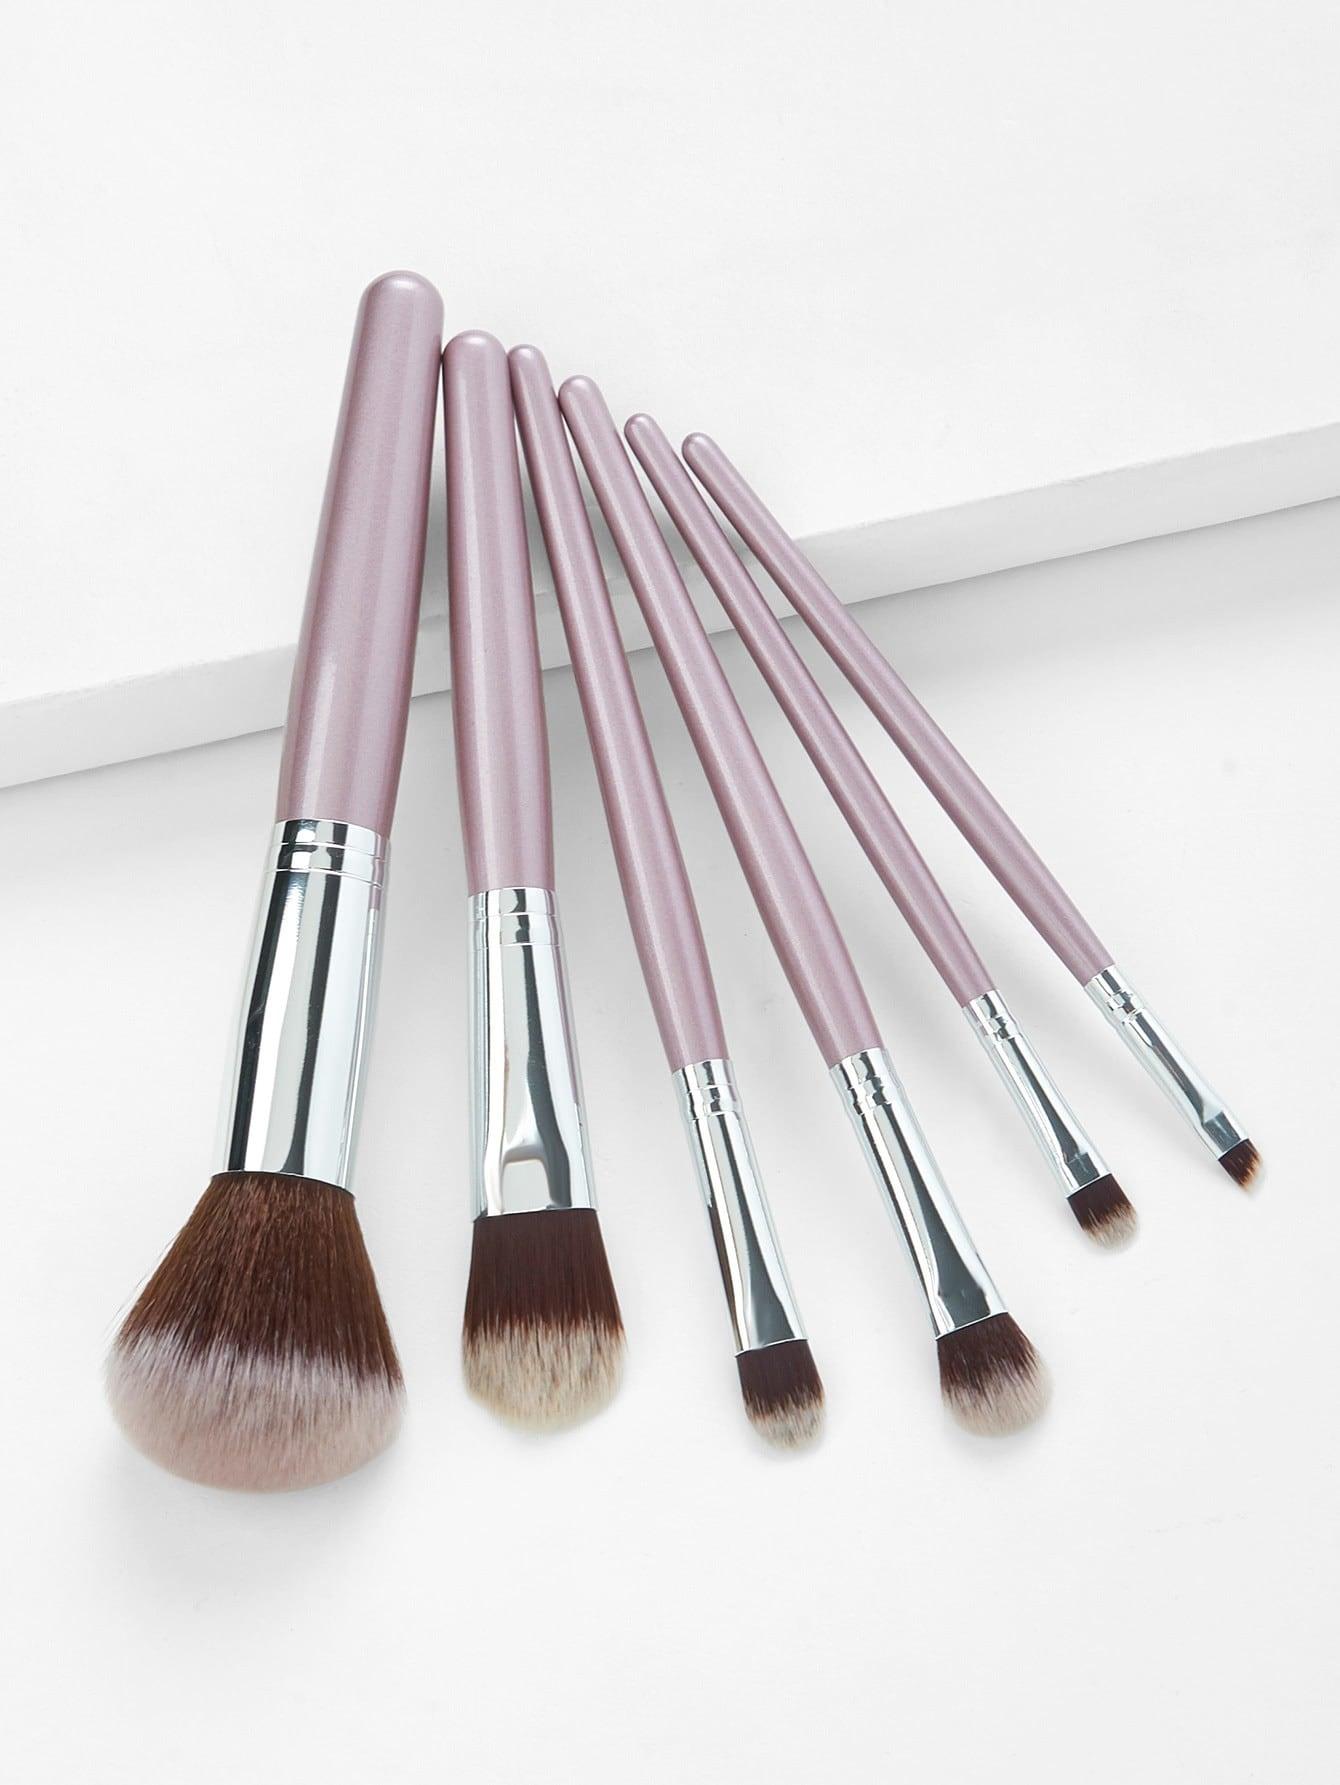 Soft Makeup Brush 6pcs